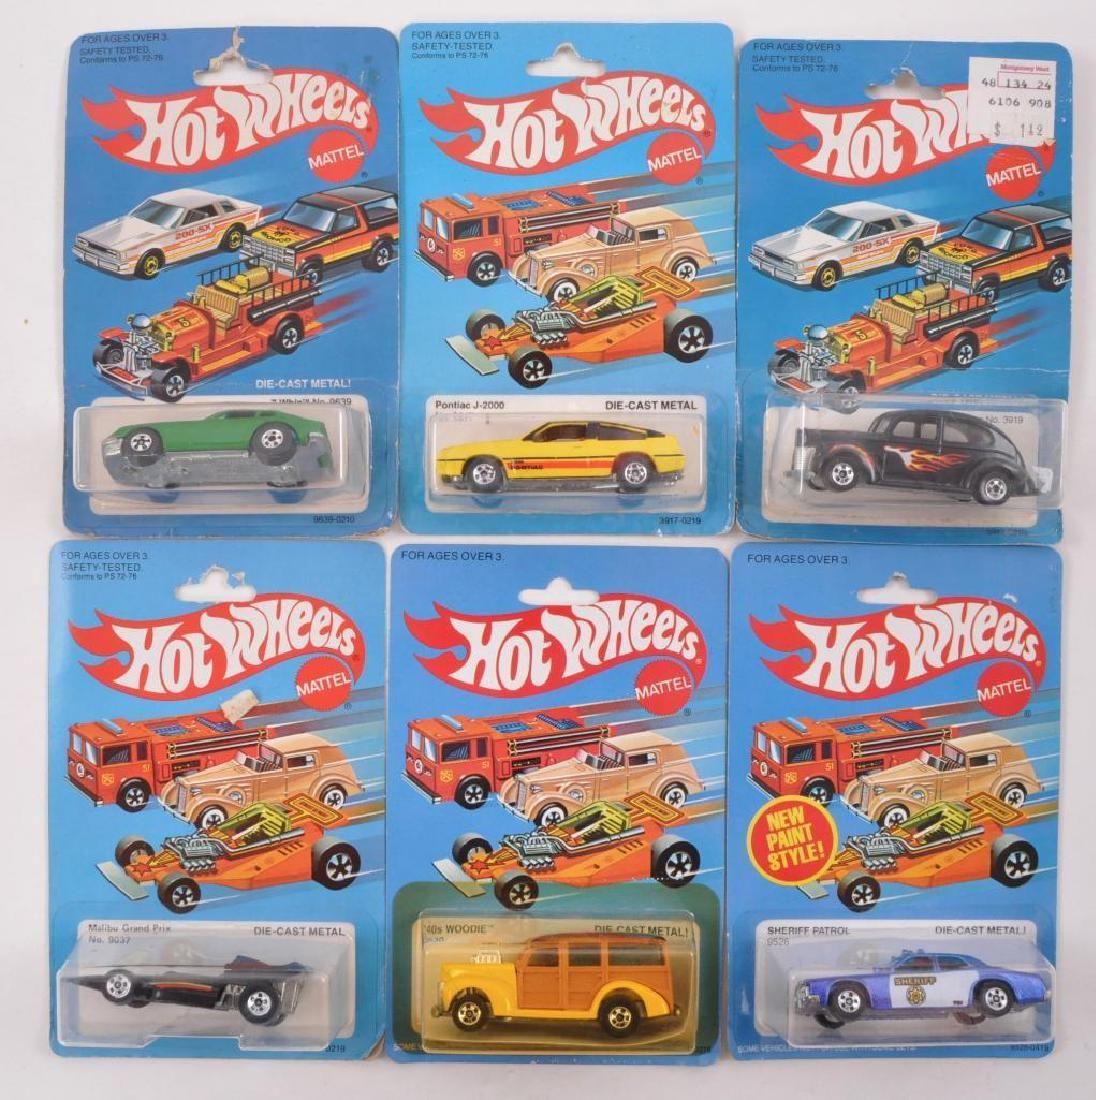 Group of 6 Hot Wheels Die-Cast Vehicles in Original